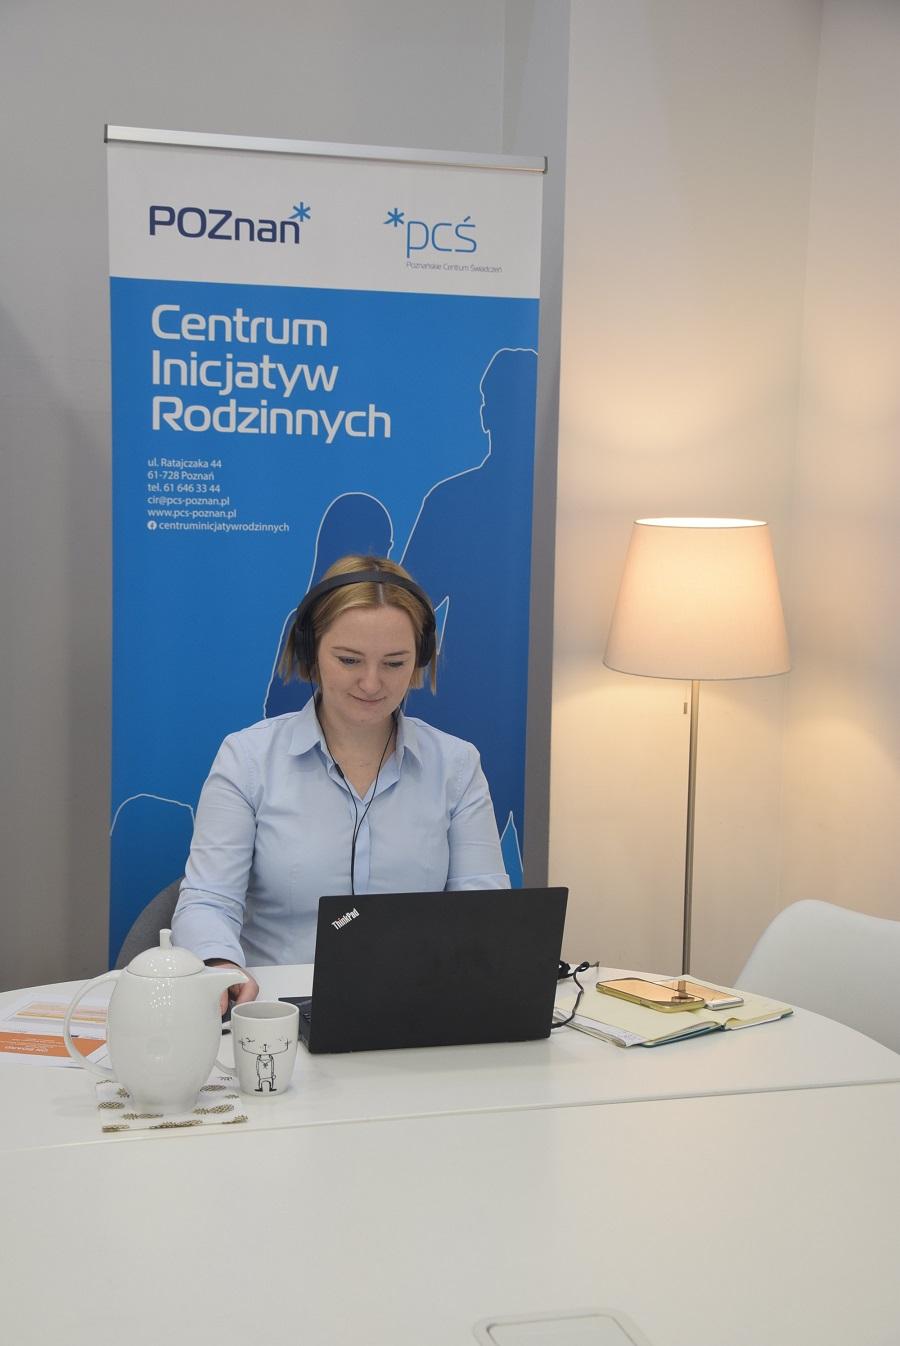 Na zdjęciu znajduje się Pani Urszula Mańkowska - Zastępca Dyrektora PCŚ ds. Zarządzania Centrum Inicjatyw Rodzinnych, która siedzi przy stole, pracuje na laptopie. W tle widać roll-up CIR i świecącą lampę